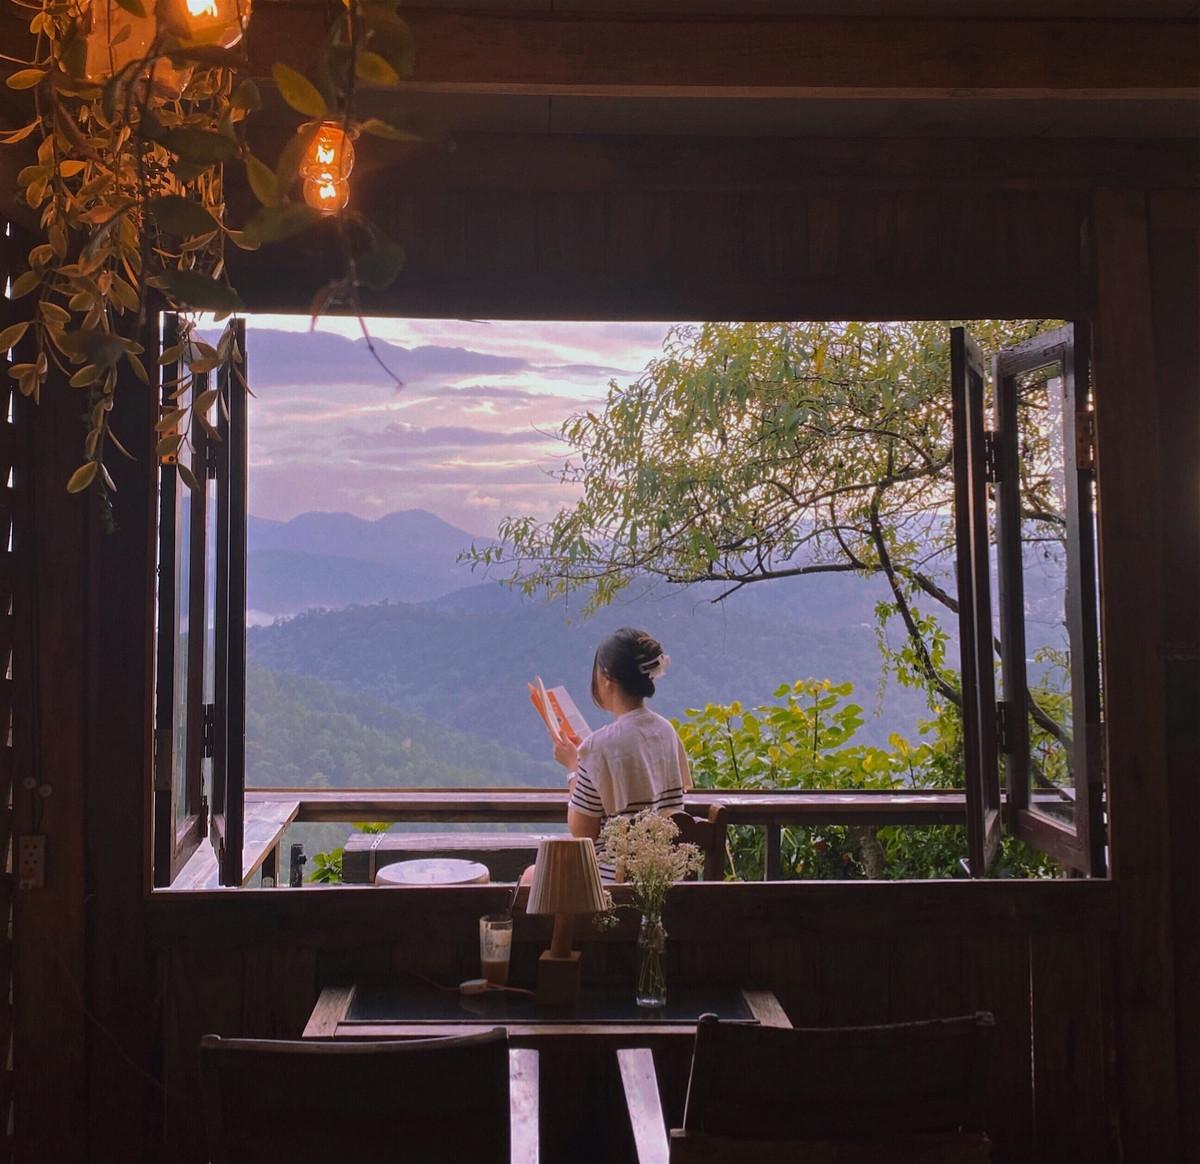 4 quán cà phê ẩn trong rừng Đà Lạt - 5